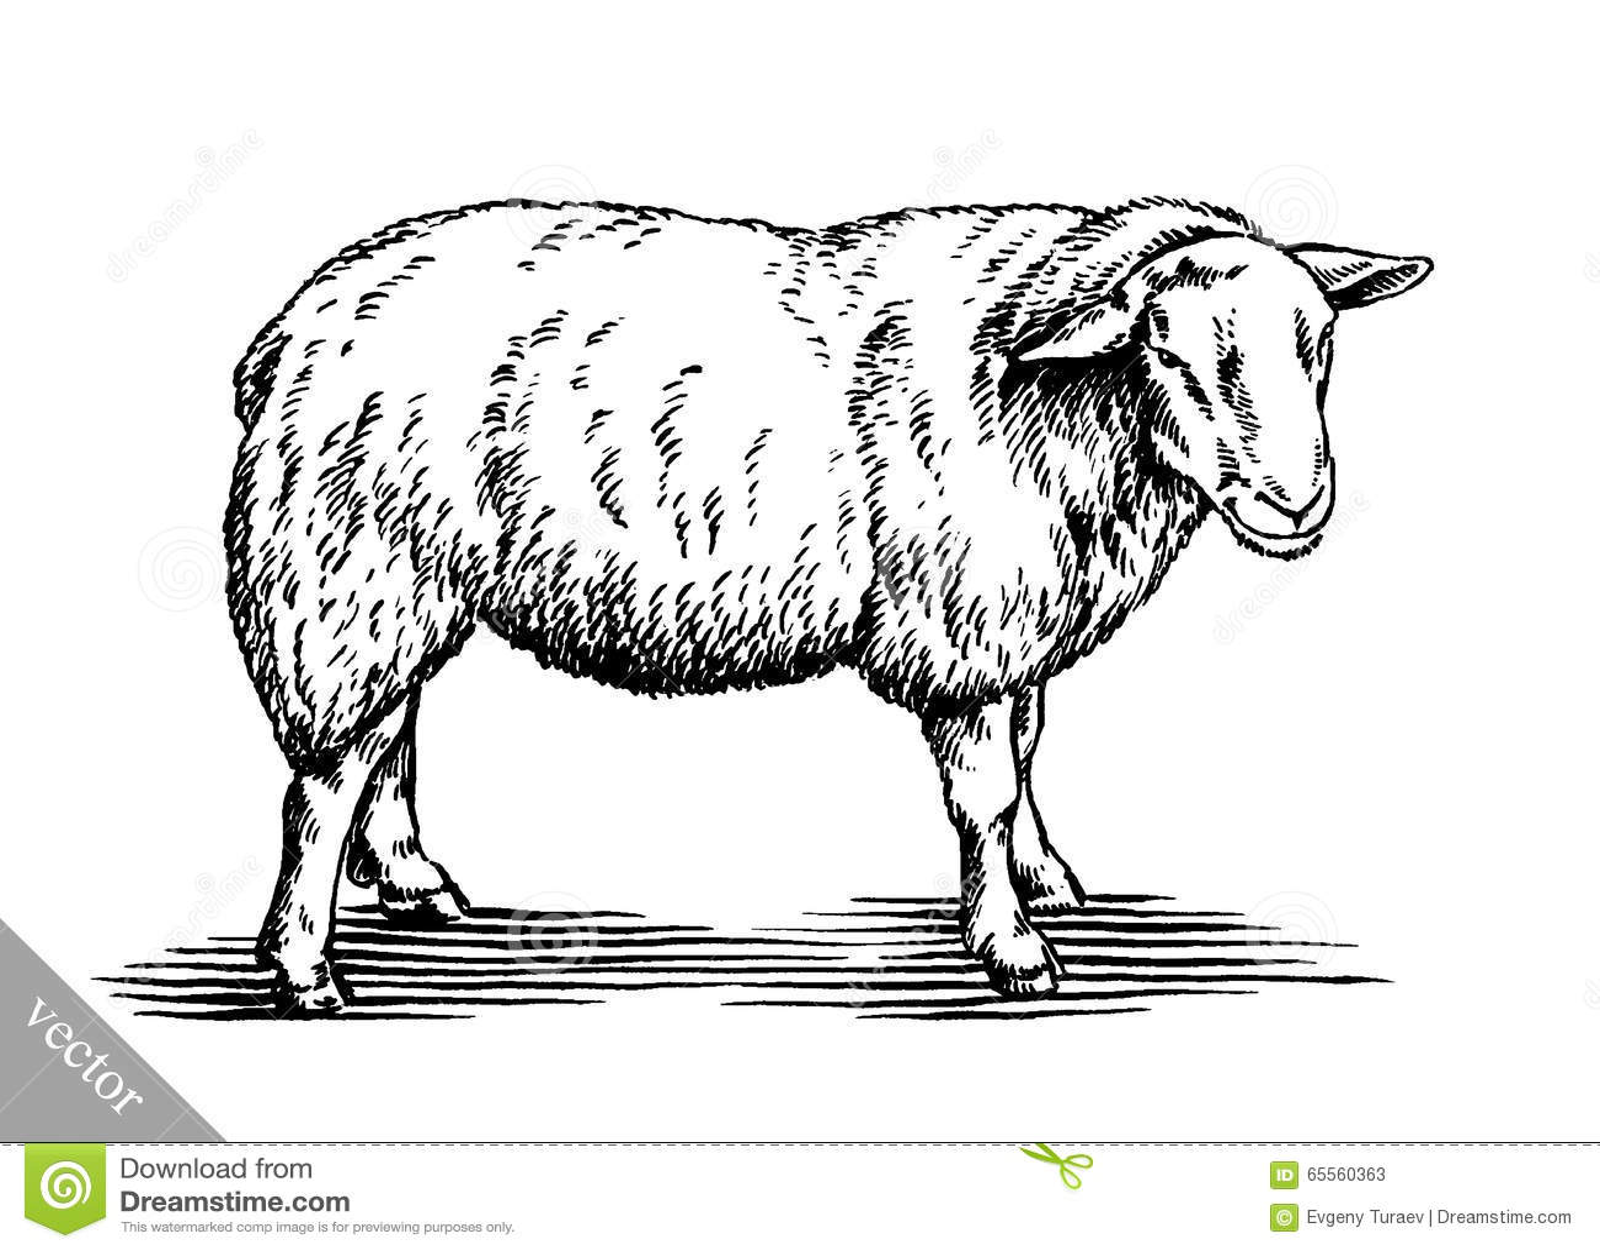 黑白刻记墨水凹道传染媒介绵羊例证.图片